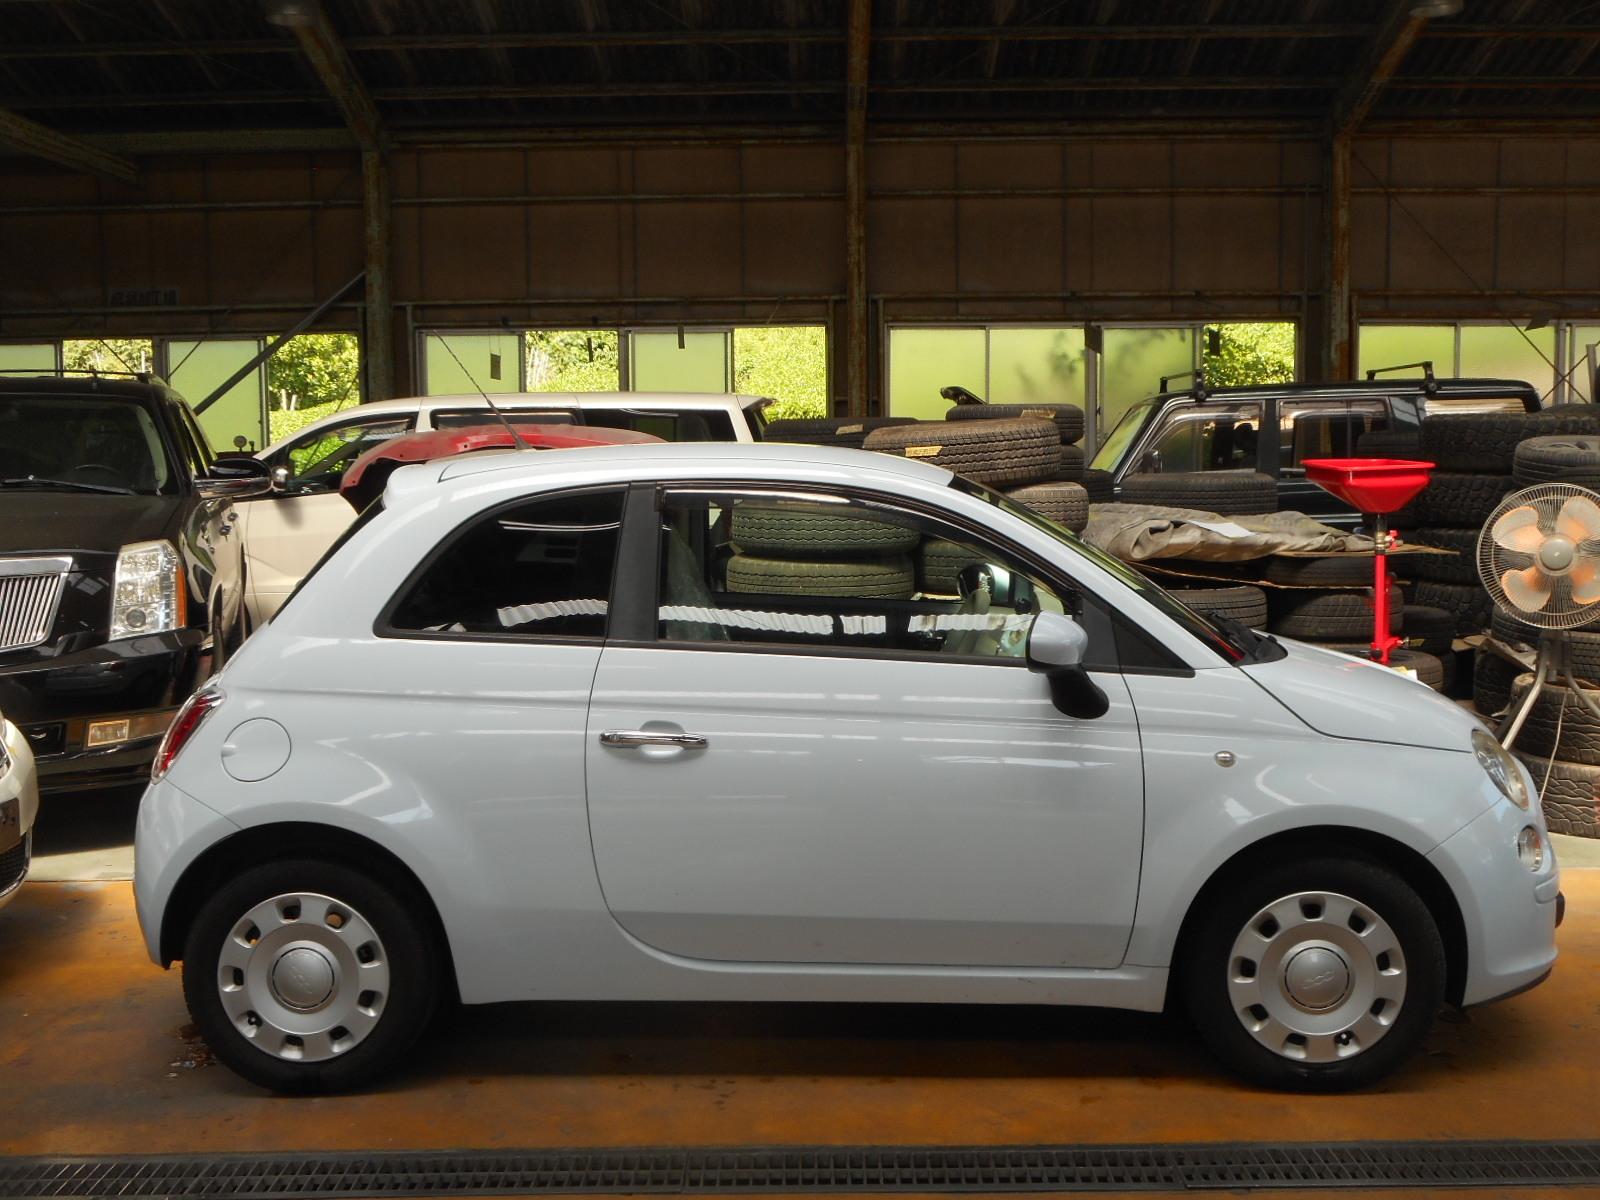 フィアット500 POP 車検整備(ウインカーバルブ交換、プラグ交換他)_c0267693_17415752.jpg